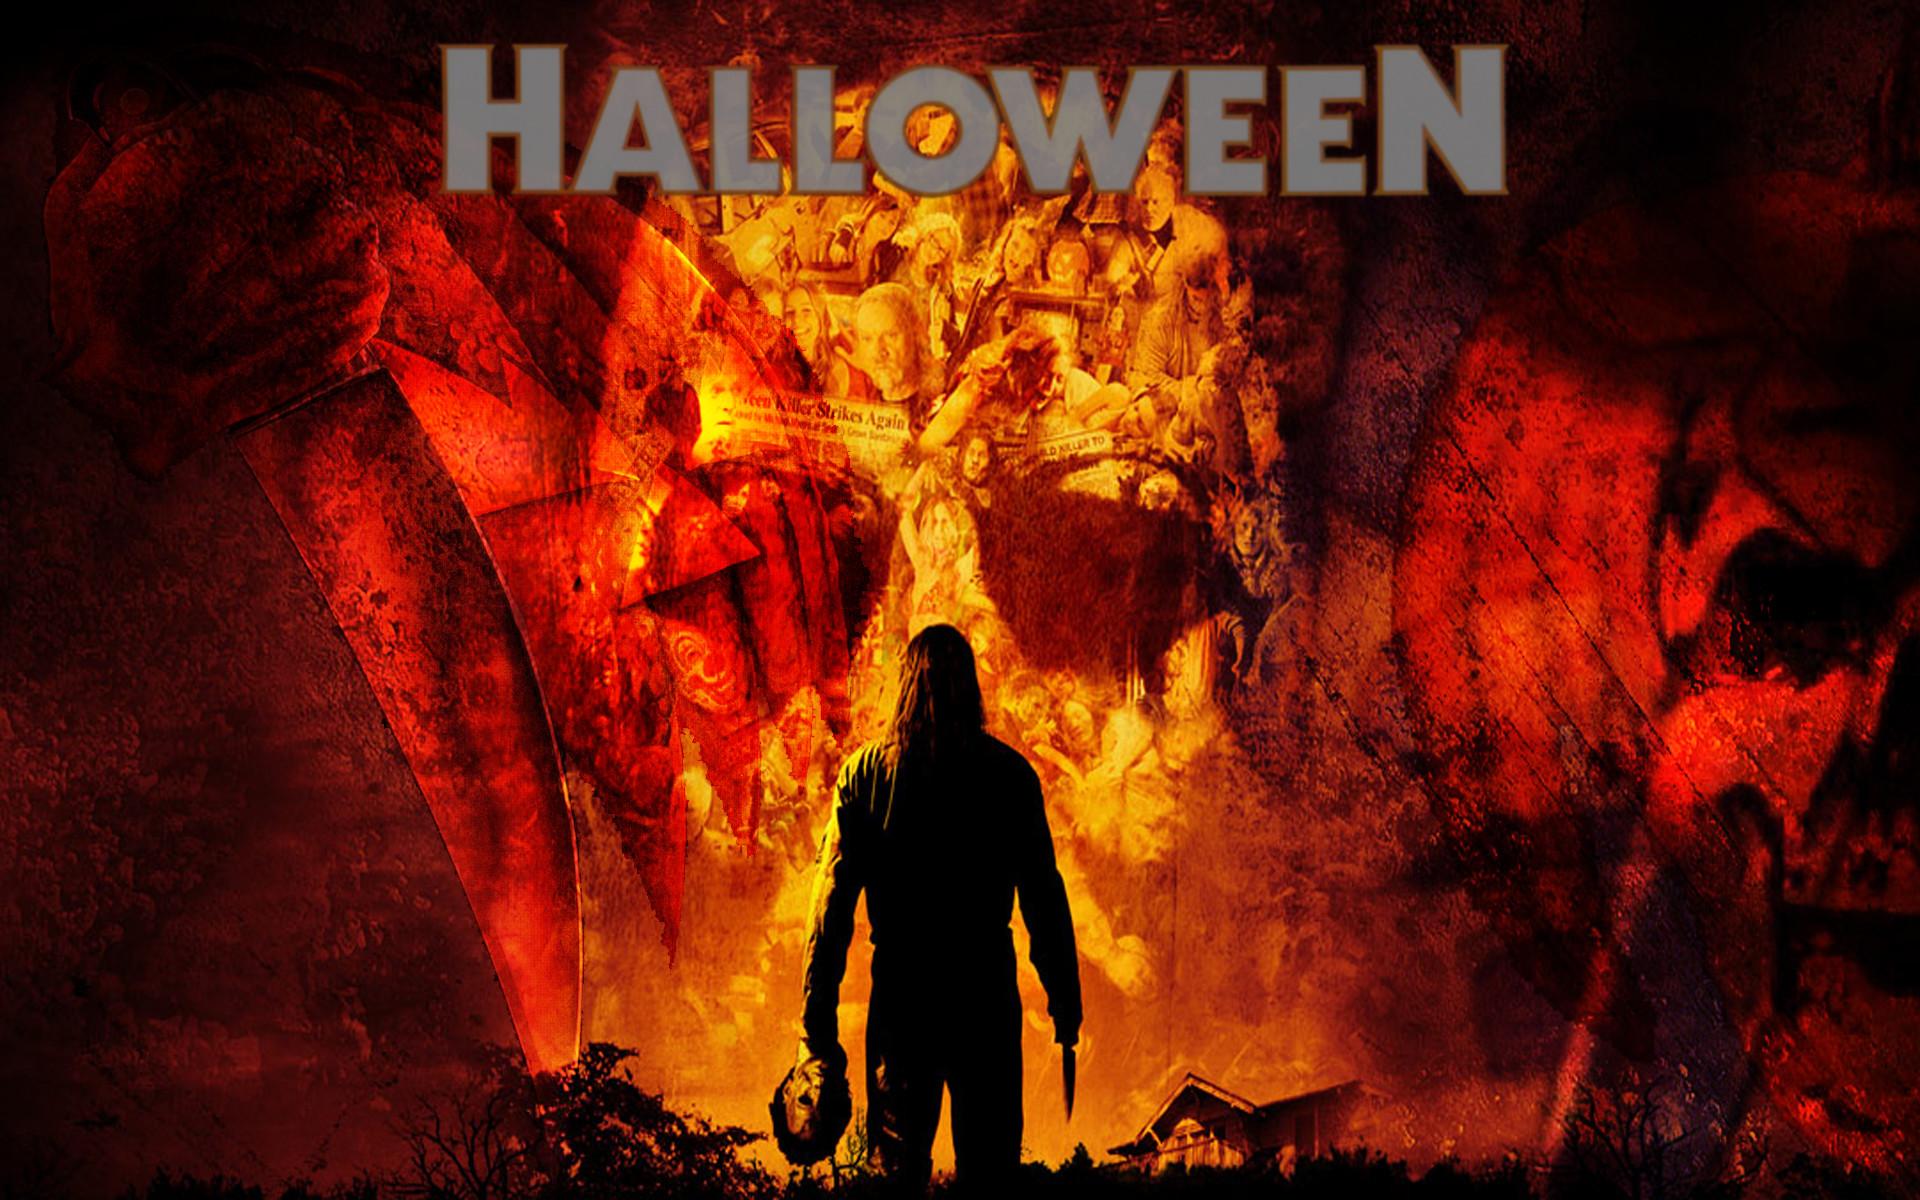 Halloween Movie Wallpaper 53 Pictures